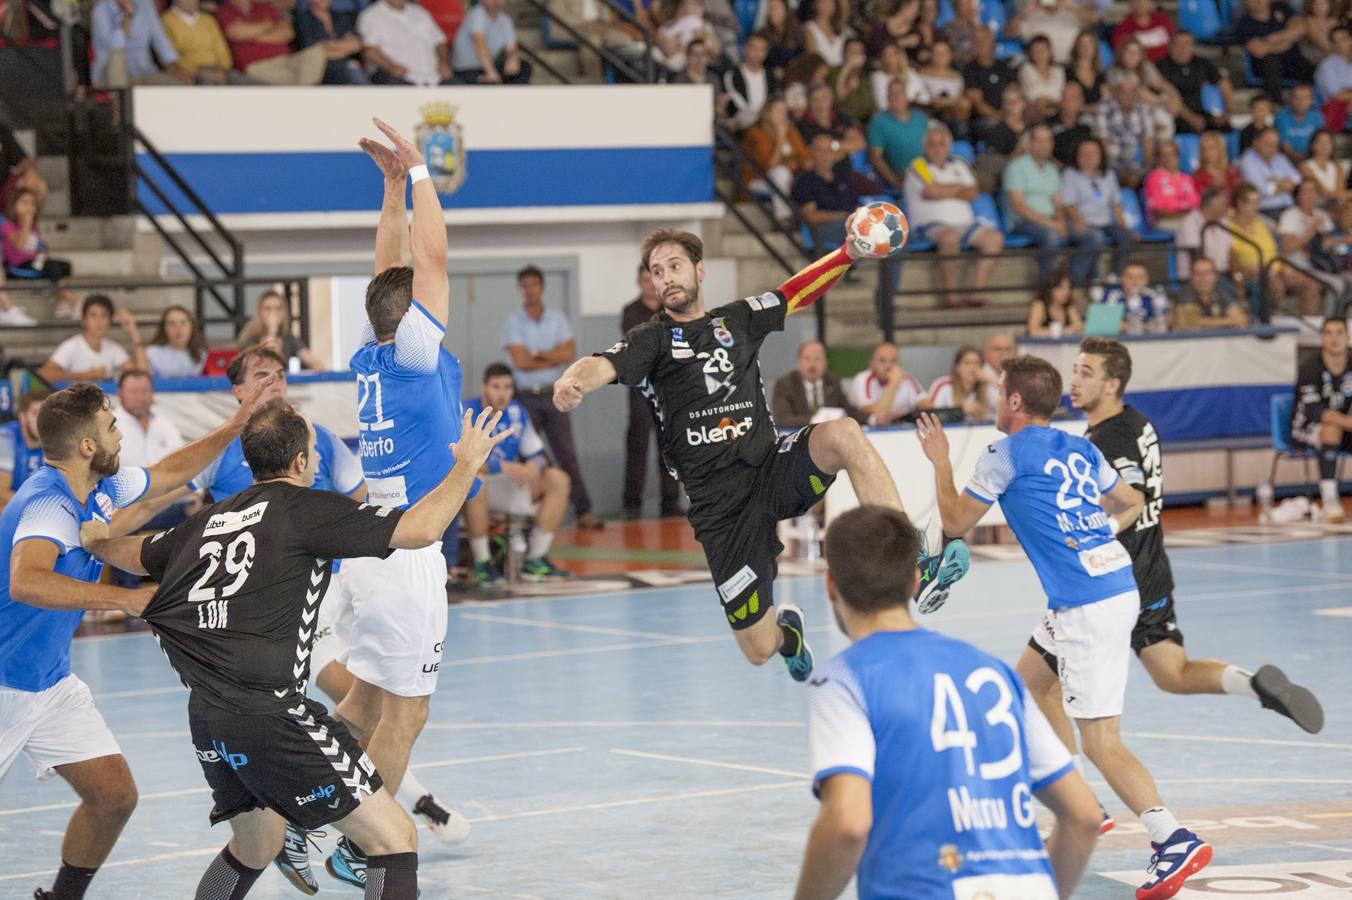 El Blendio recibe este miércoles al Agustinos Alicante en su debut en la Copa del Rey